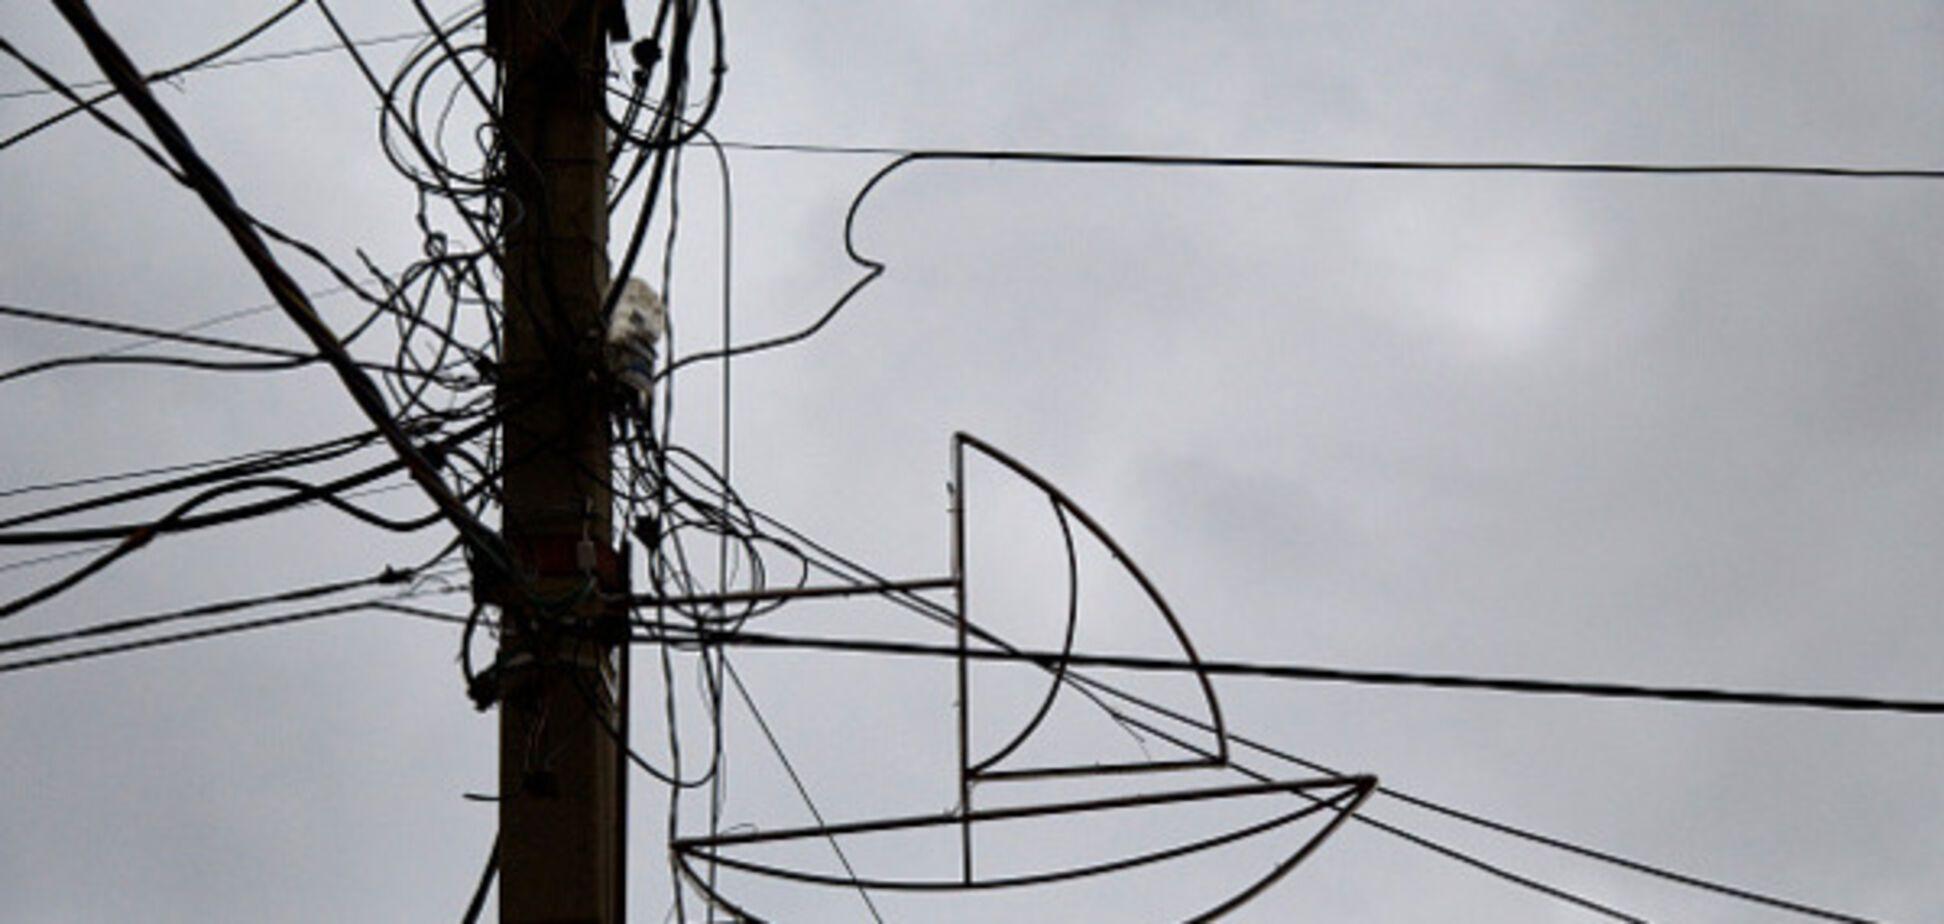 Електрика в Криму